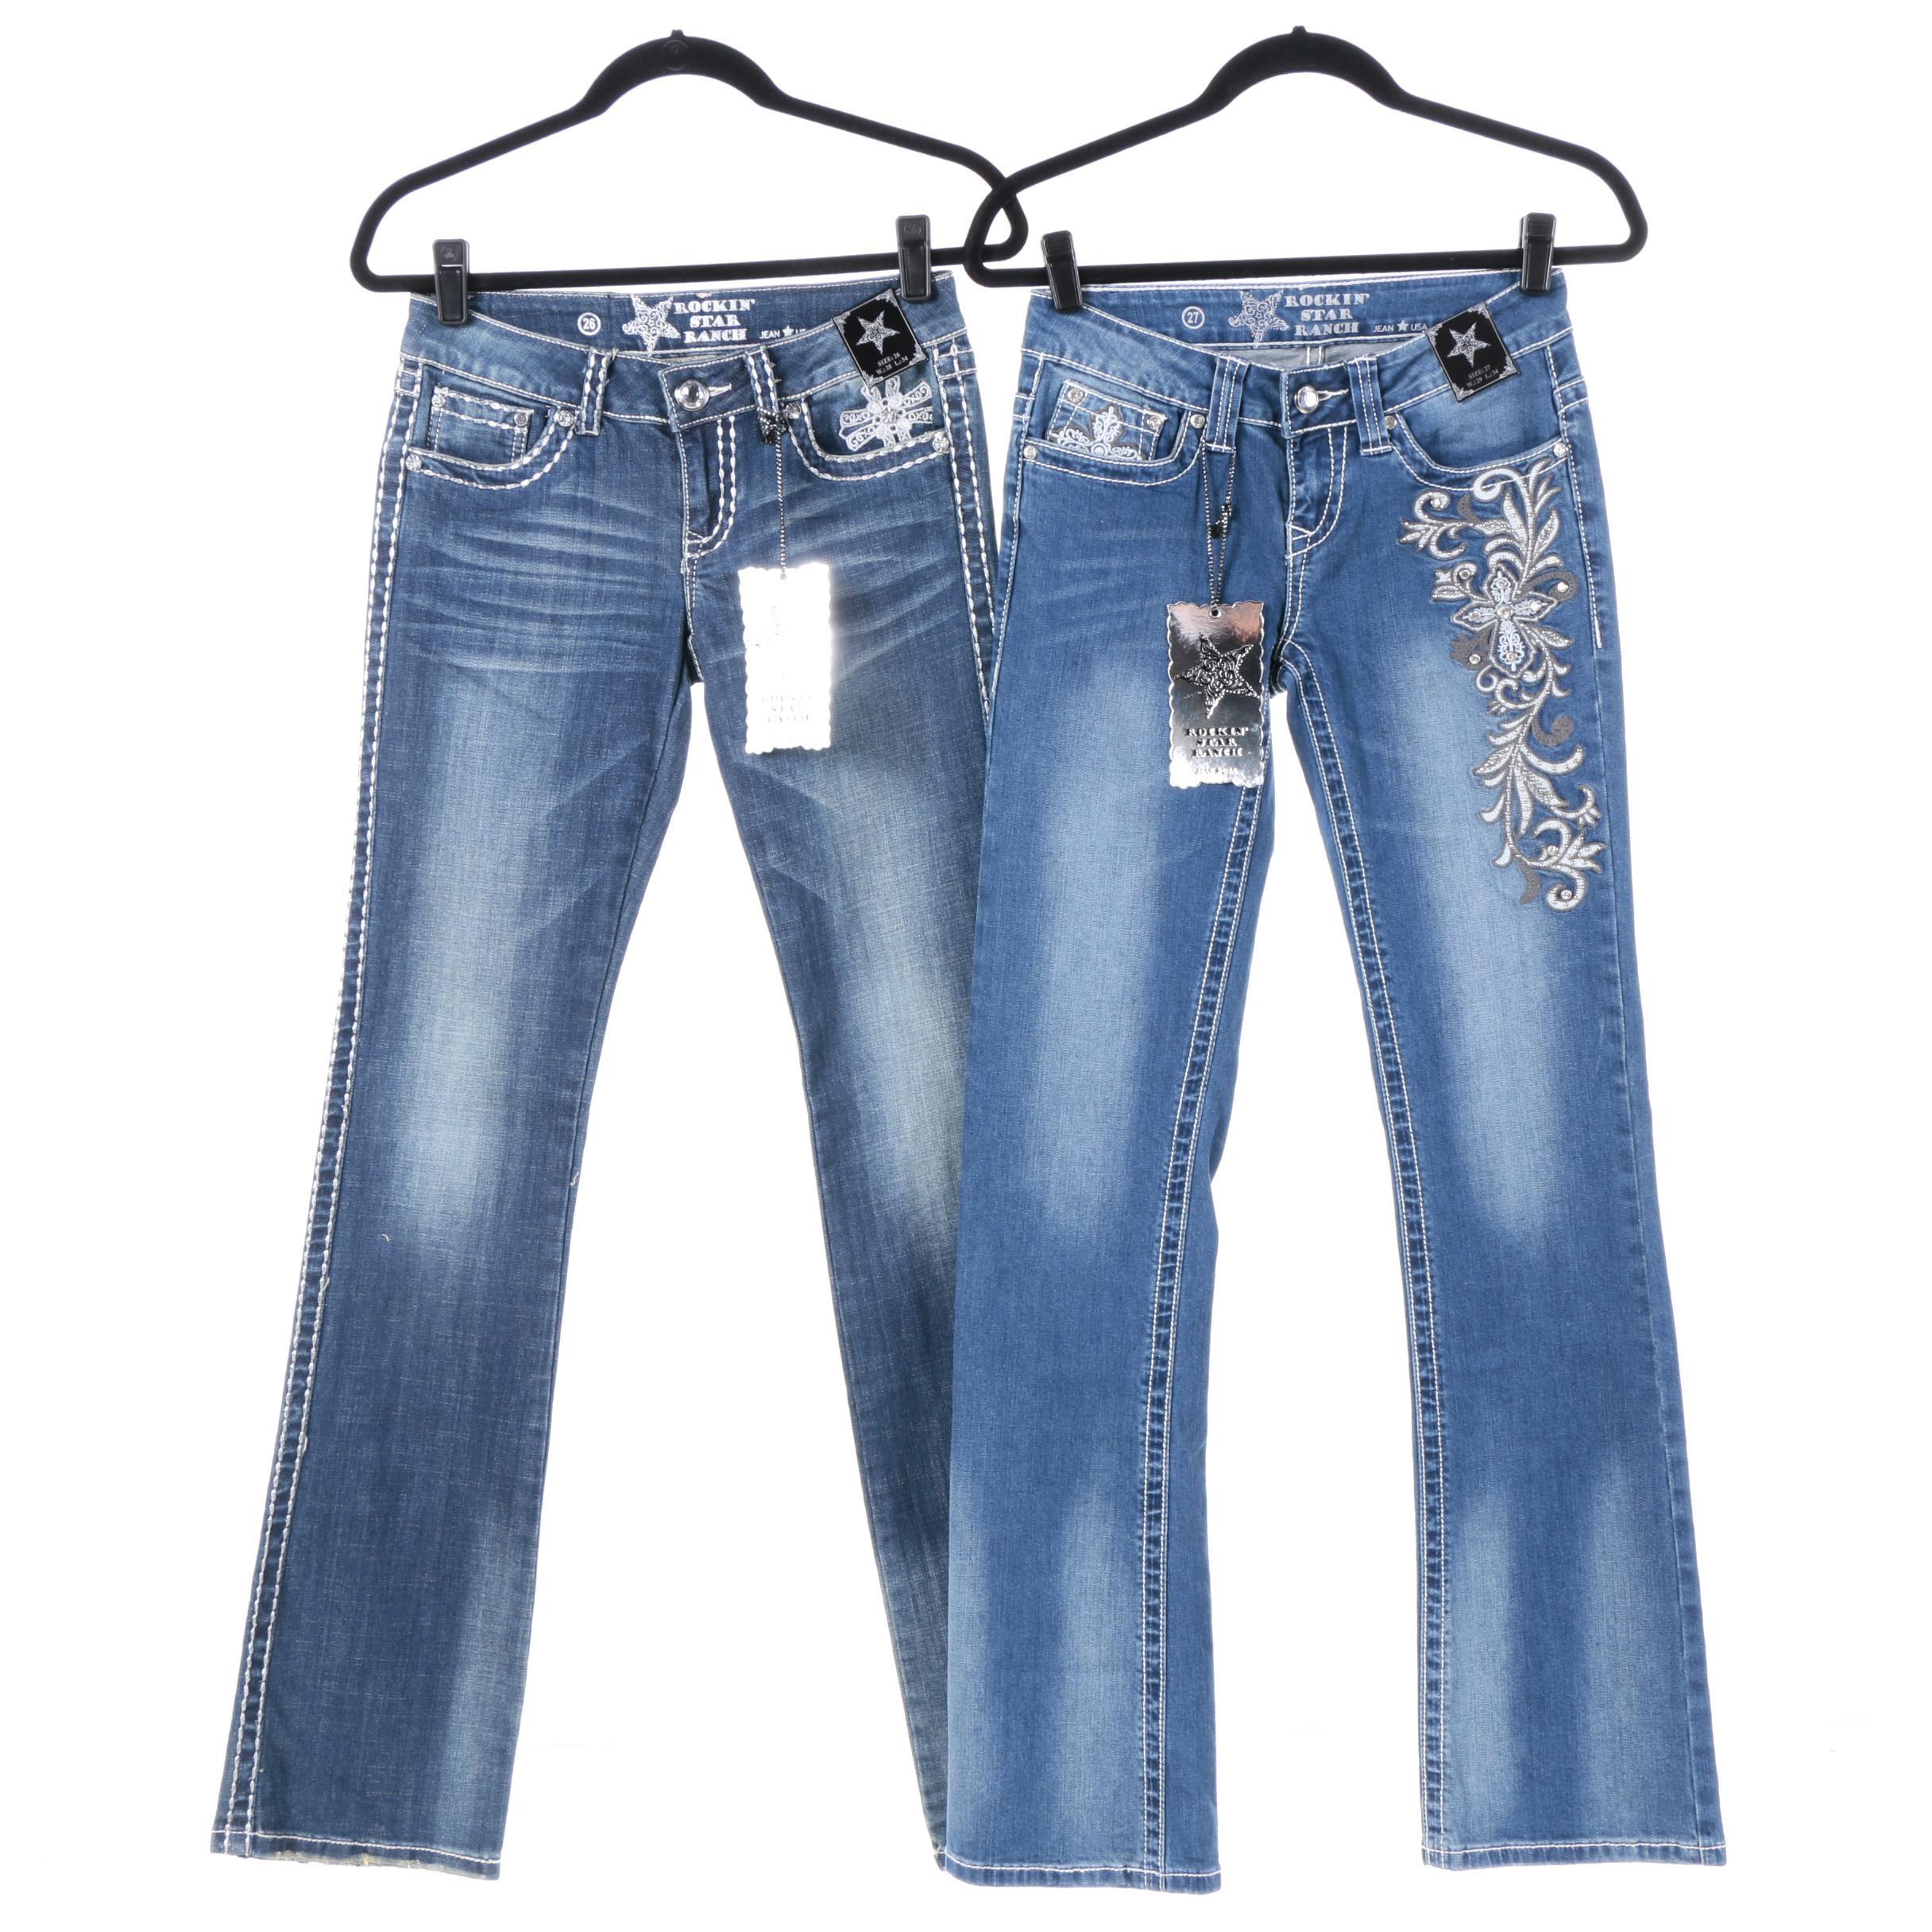 Women's Rockin' Star Ranch Jeans